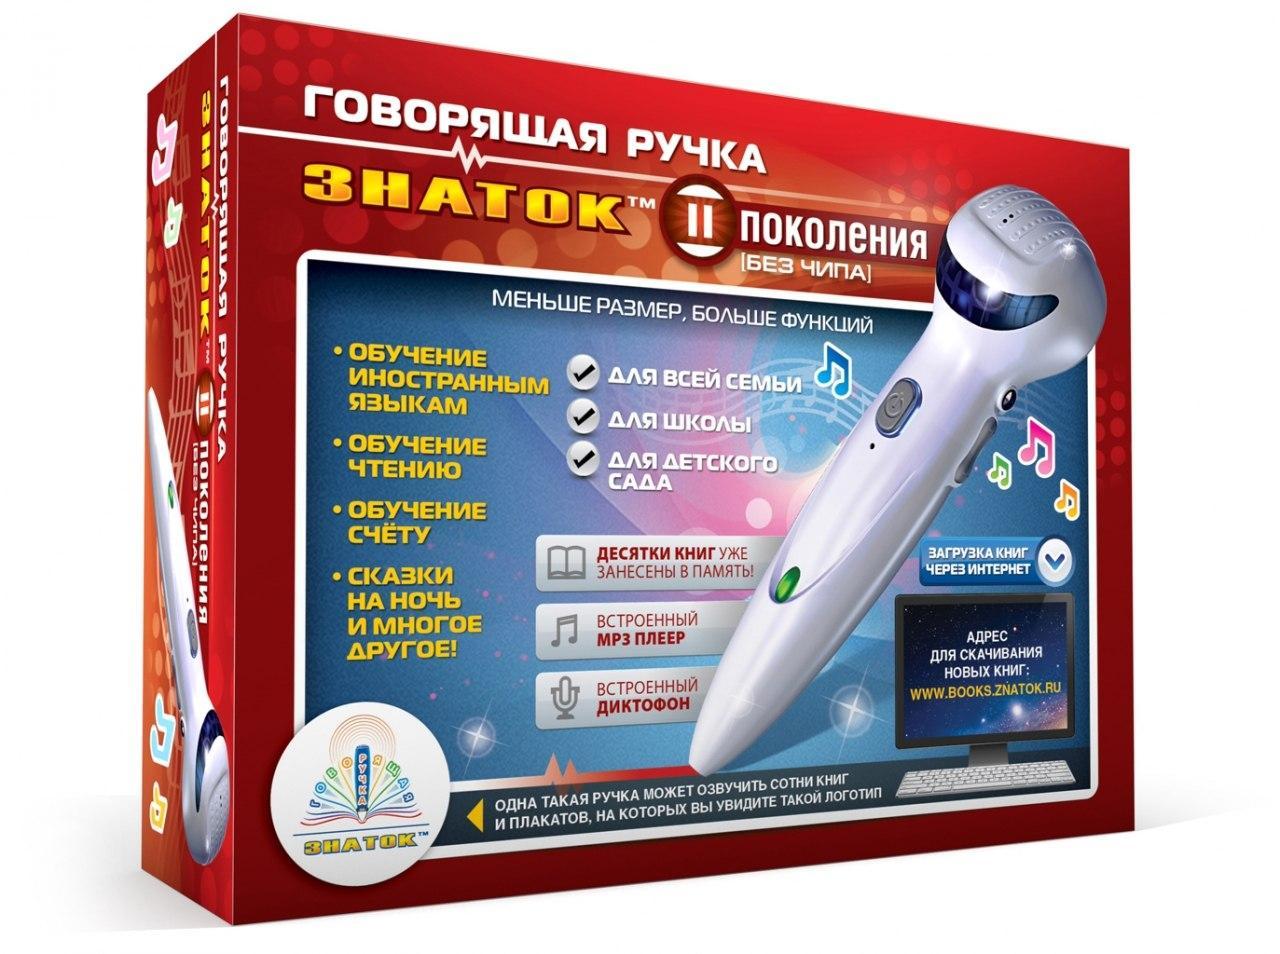 Купить Набор ЗНАТОК ZP70189 Ручка электронная говорящая 4Гб, Знаток